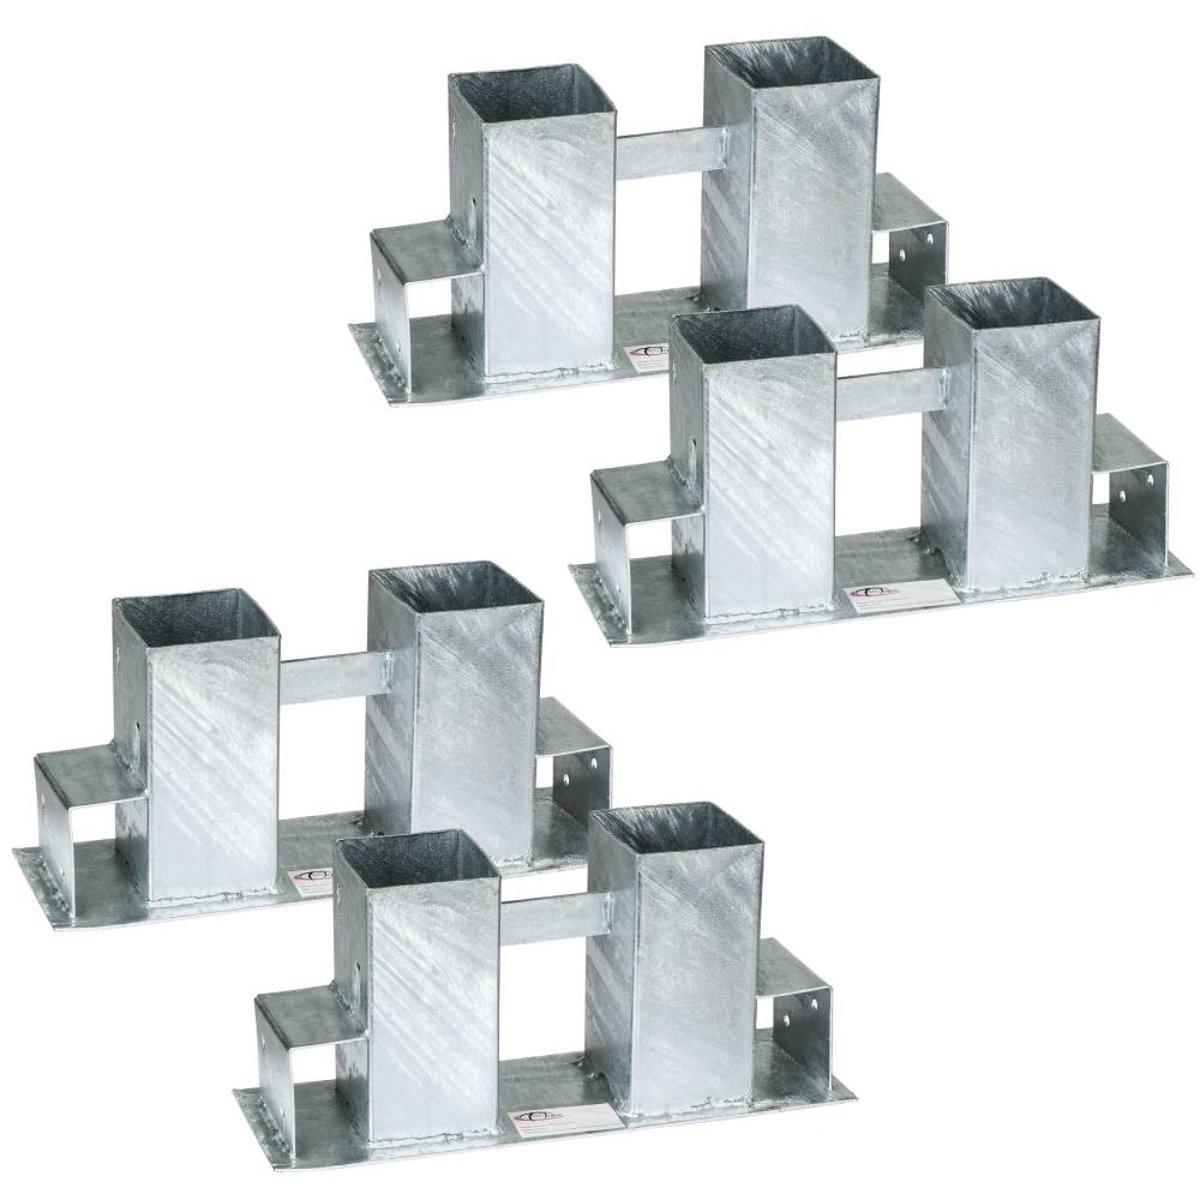 TecTake - Houtstapelrekken thermisch verzinkt 4-delig 402521 kopen